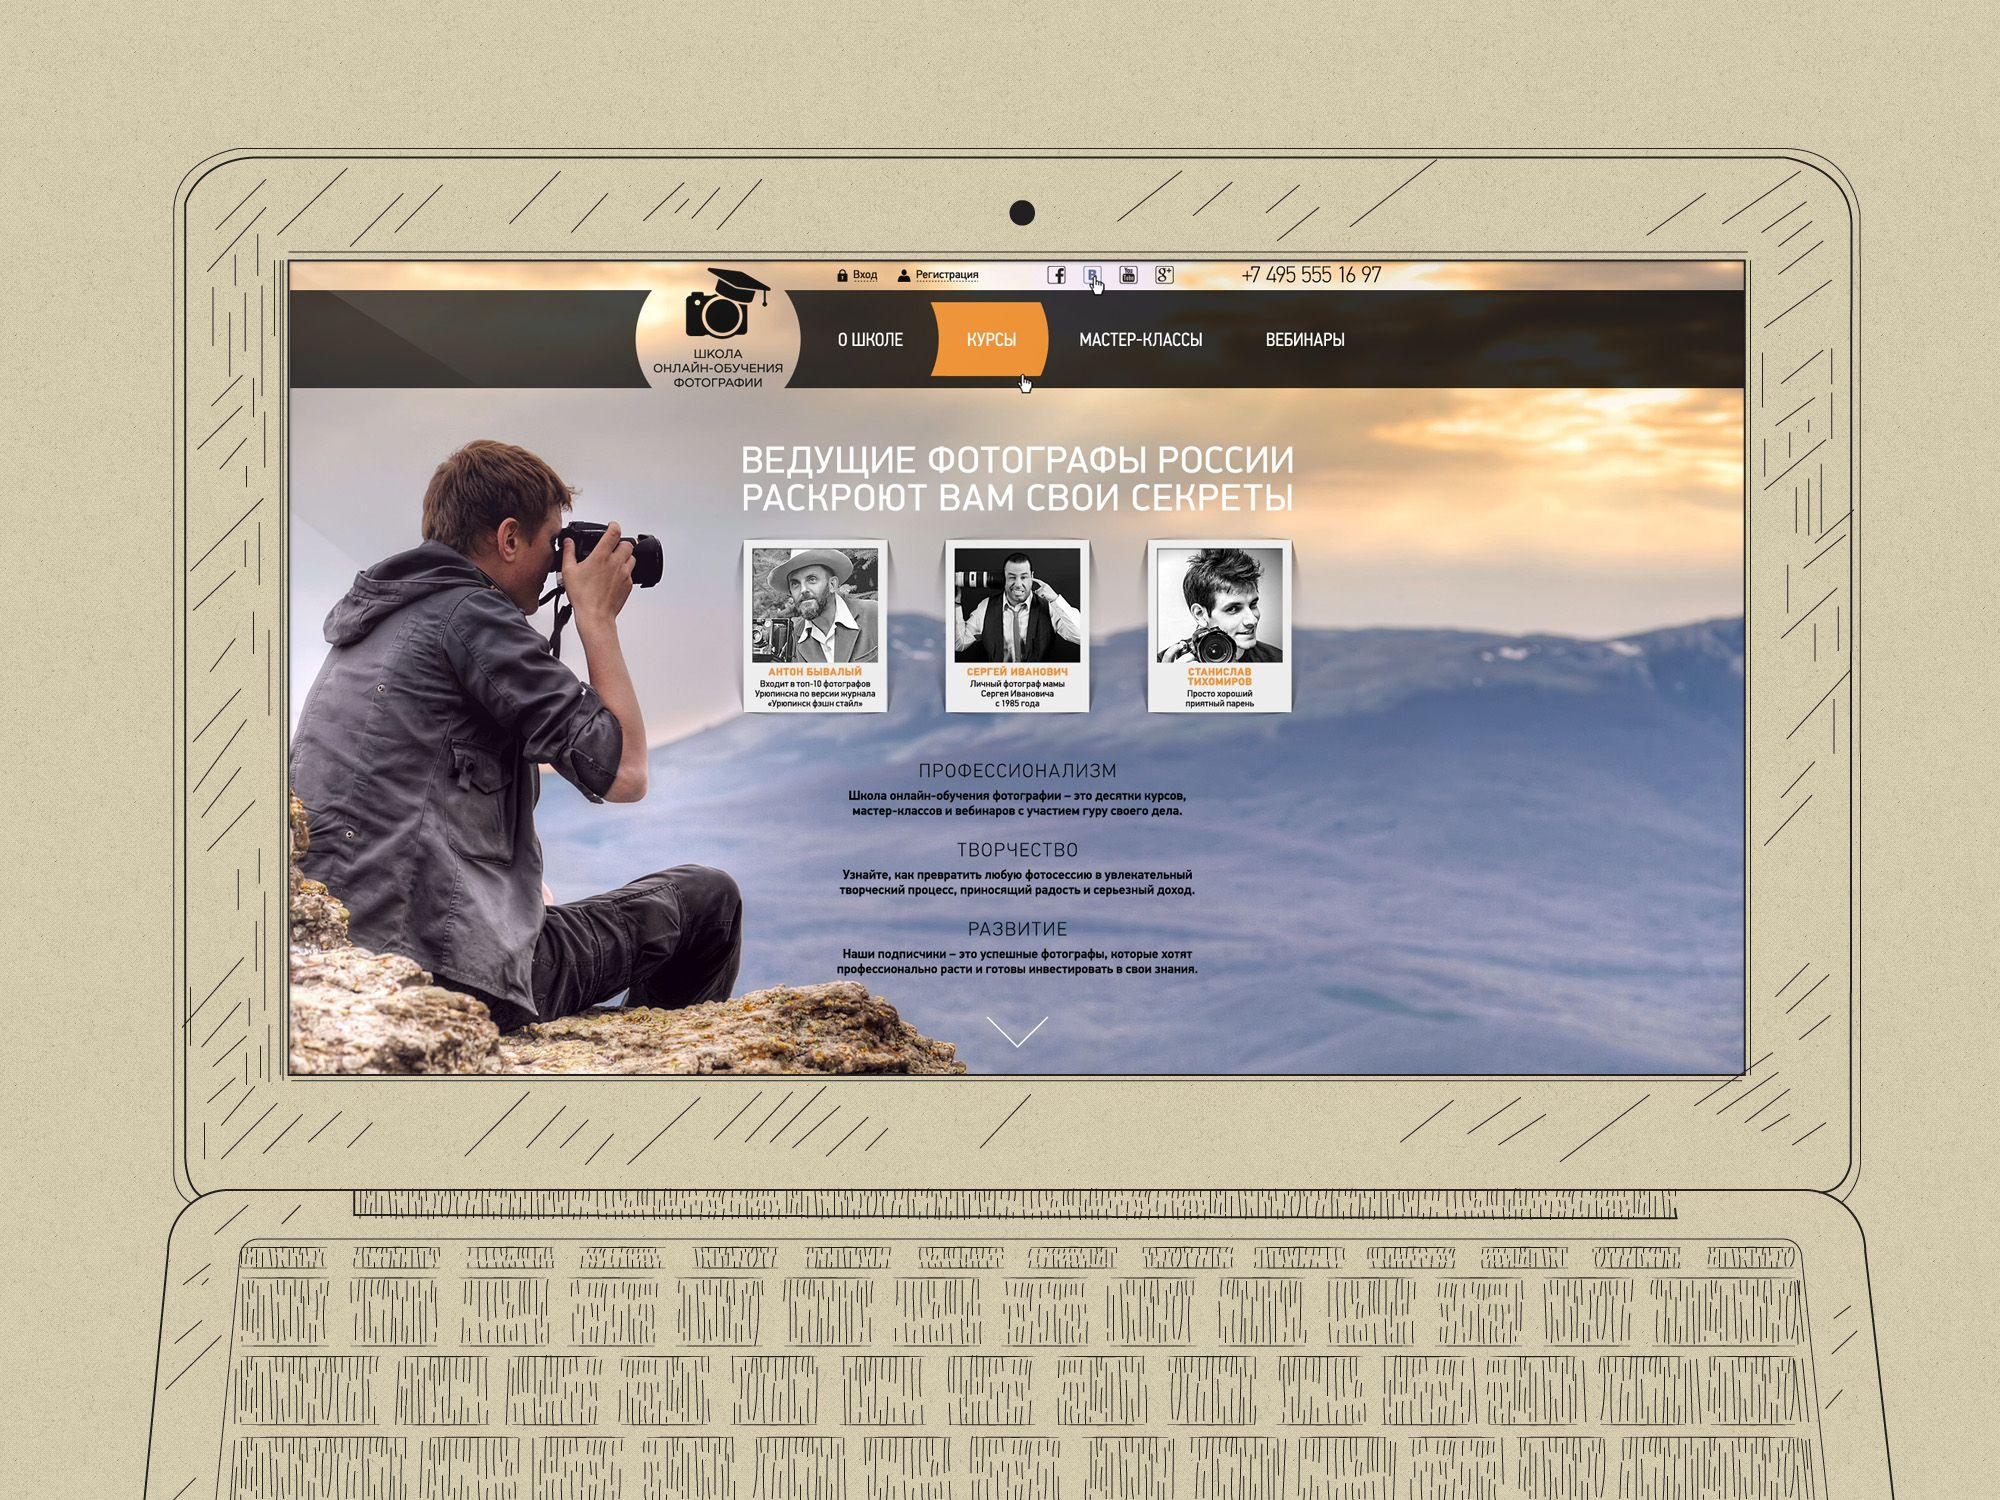 Онлайн обучение фотографии. Главная. - дизайнер chumarkov